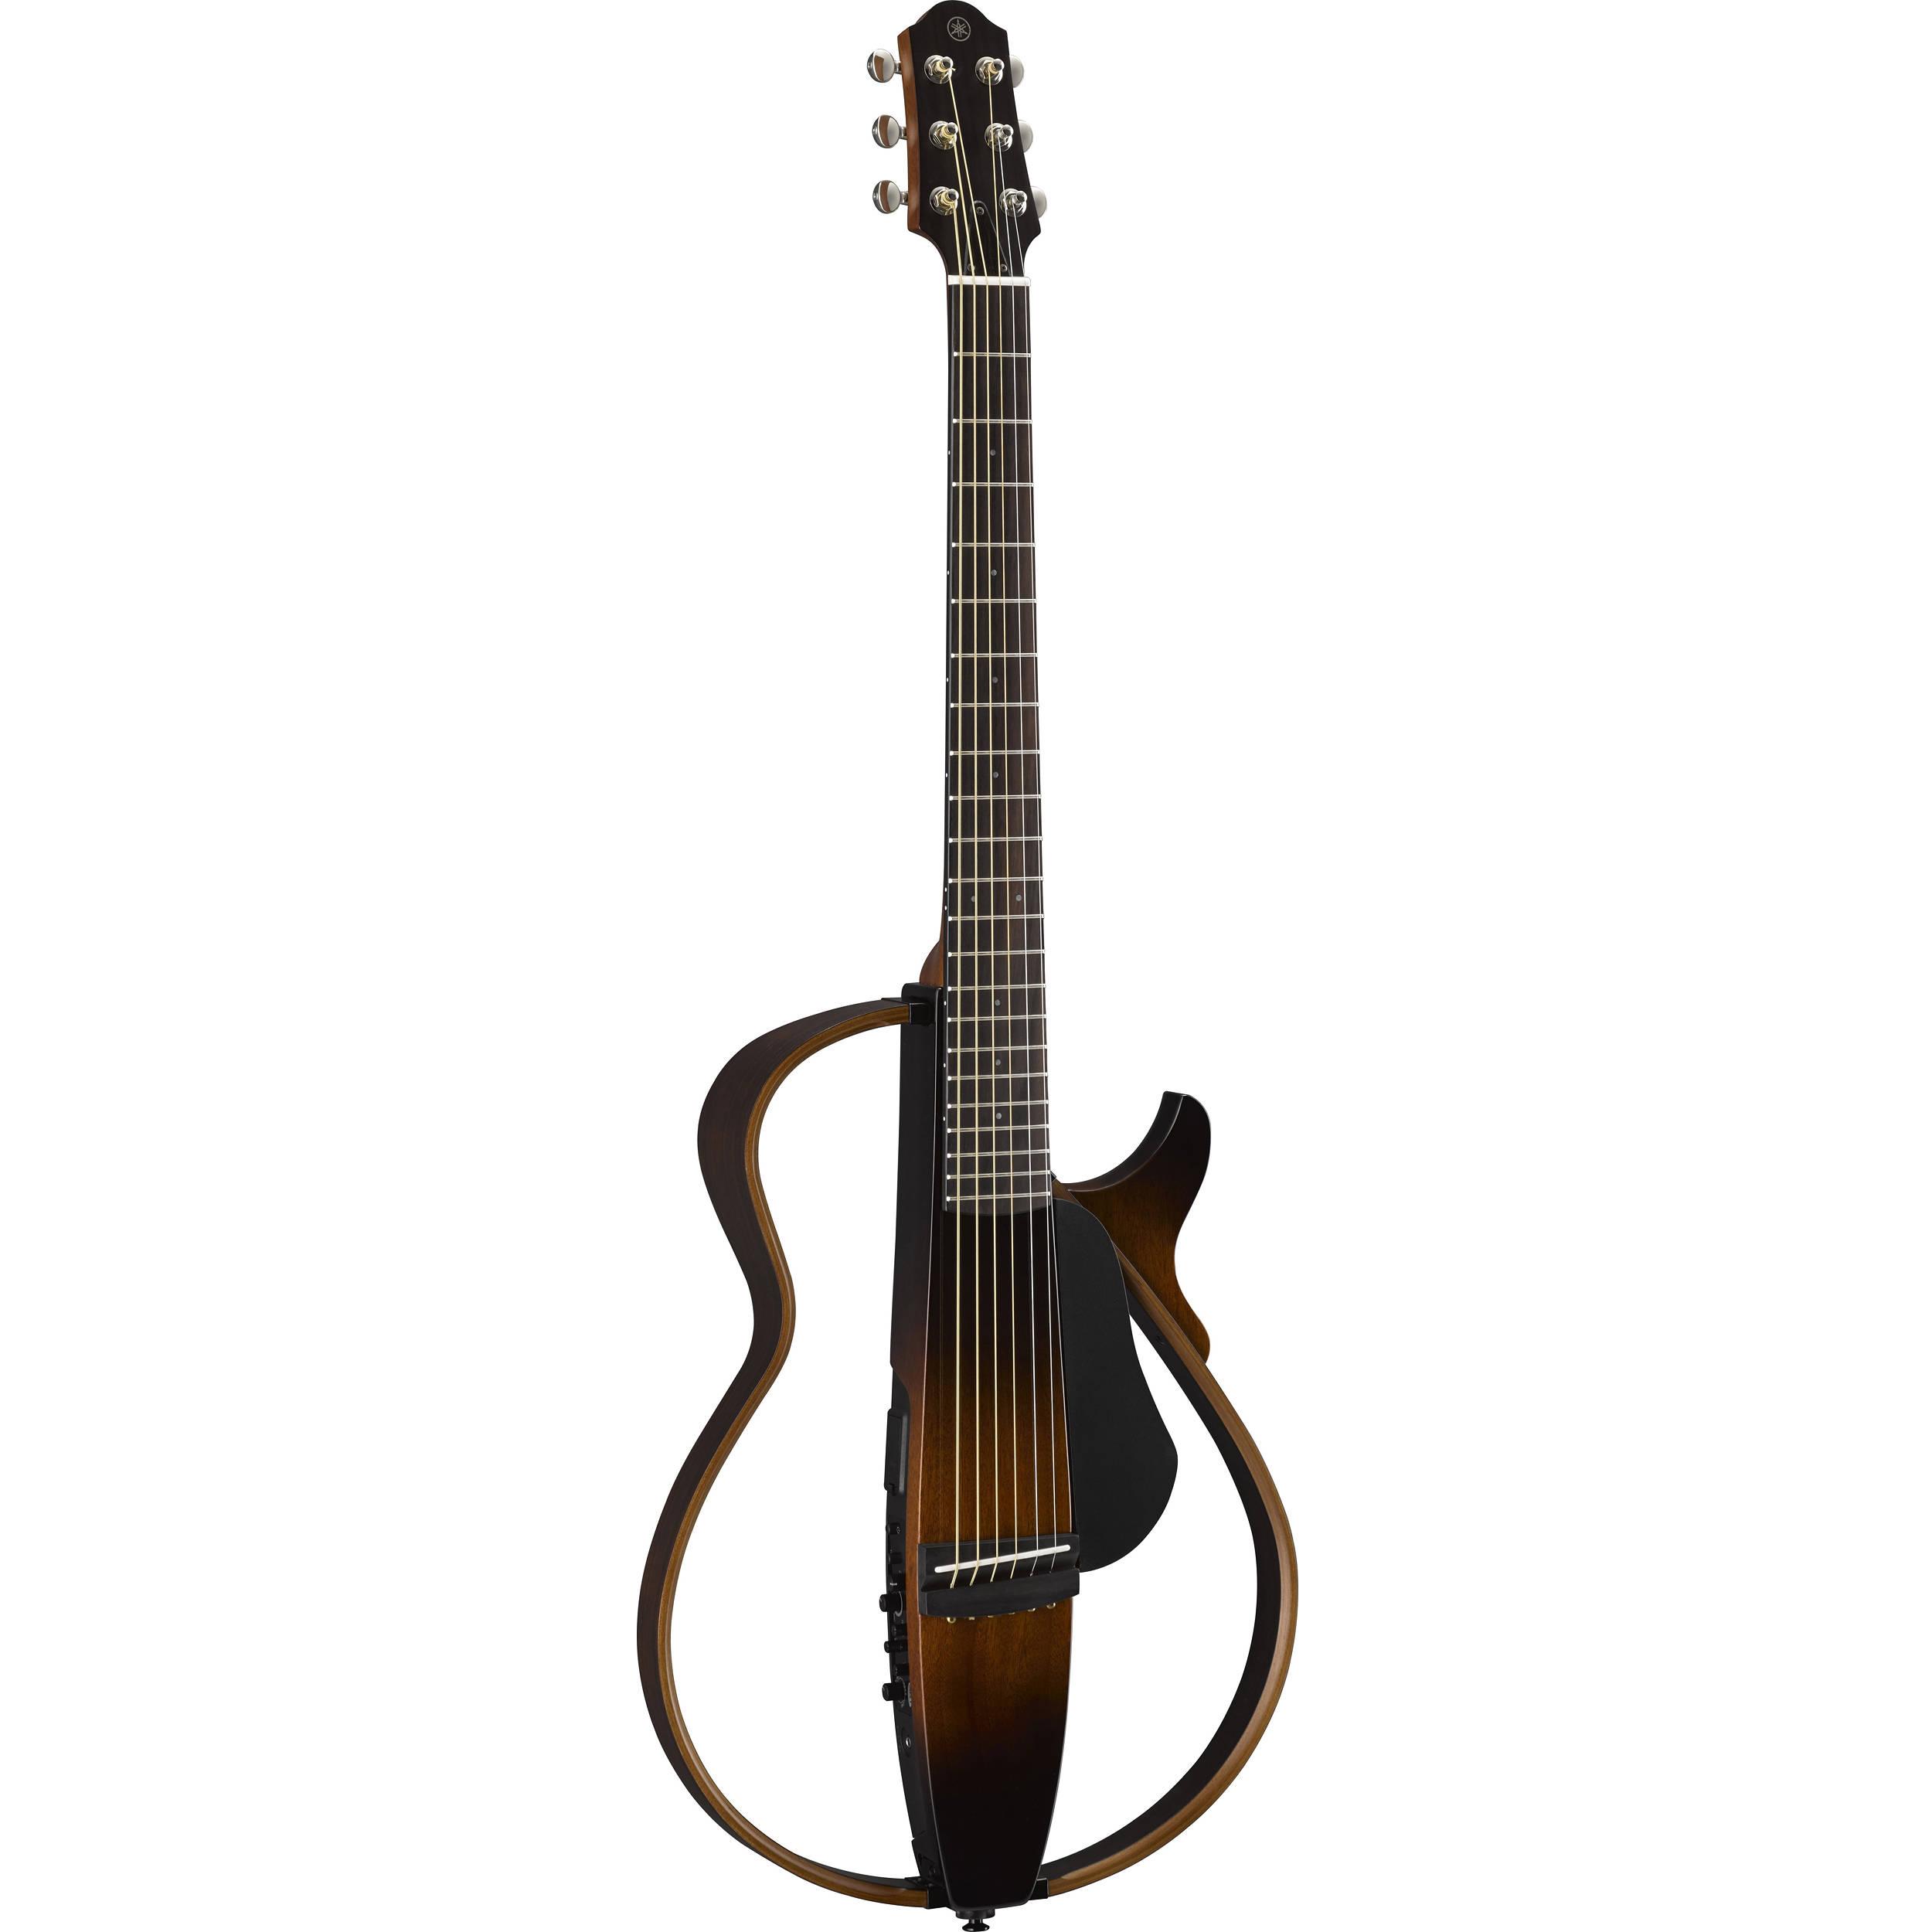 Yamaha slg200s steel string silent guitar slg200s tbs b h for Yamaha slg200s steel string silent guitar